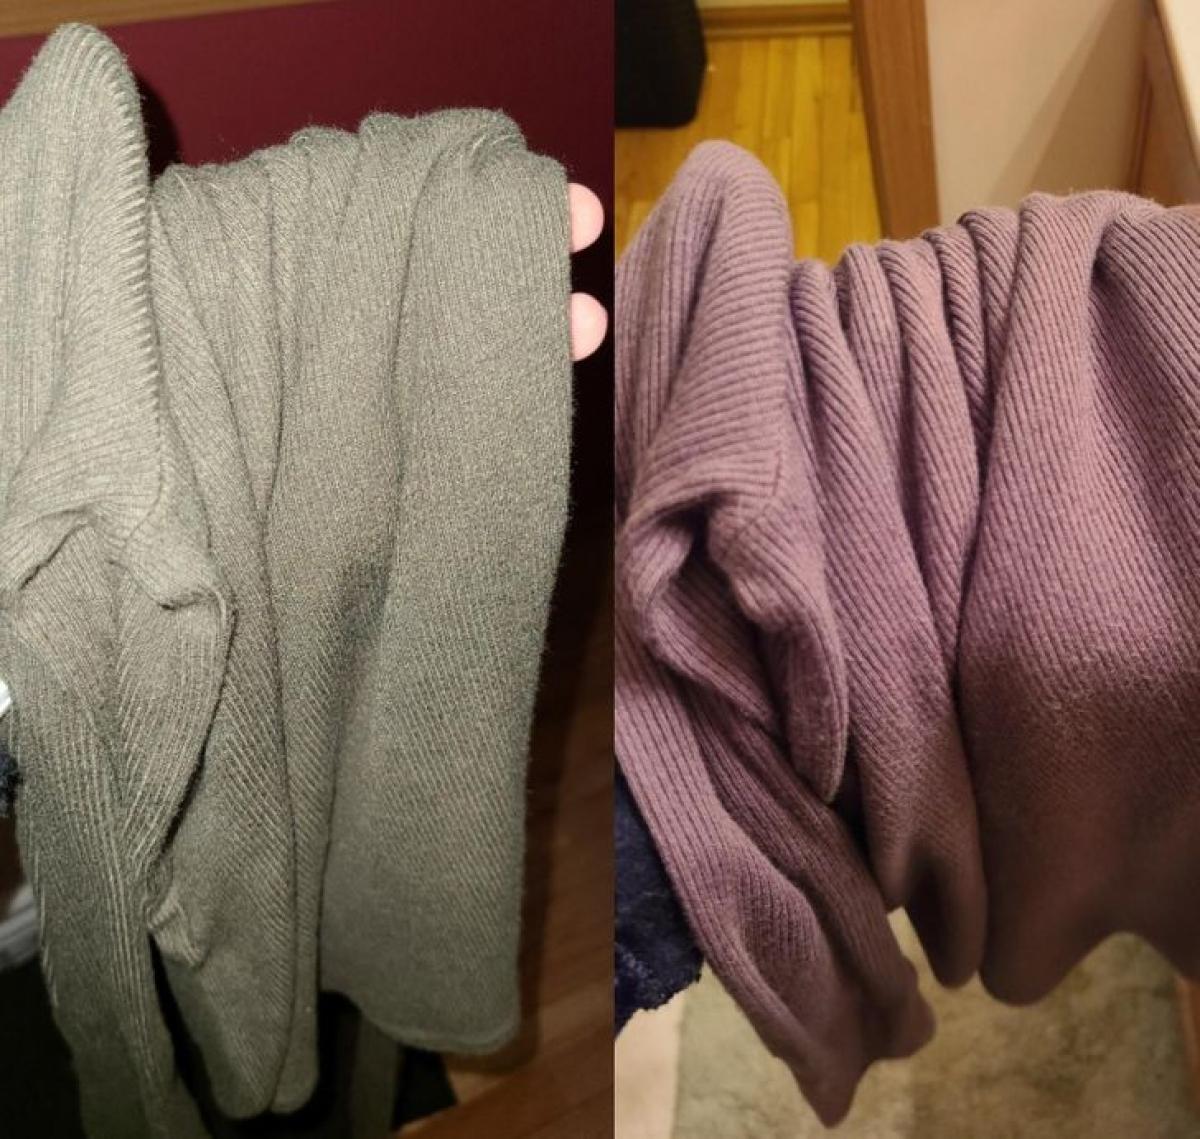 Dưới ánh đèn khác nhau, chiếc áo cho ra hai màu sắc khác nhau.